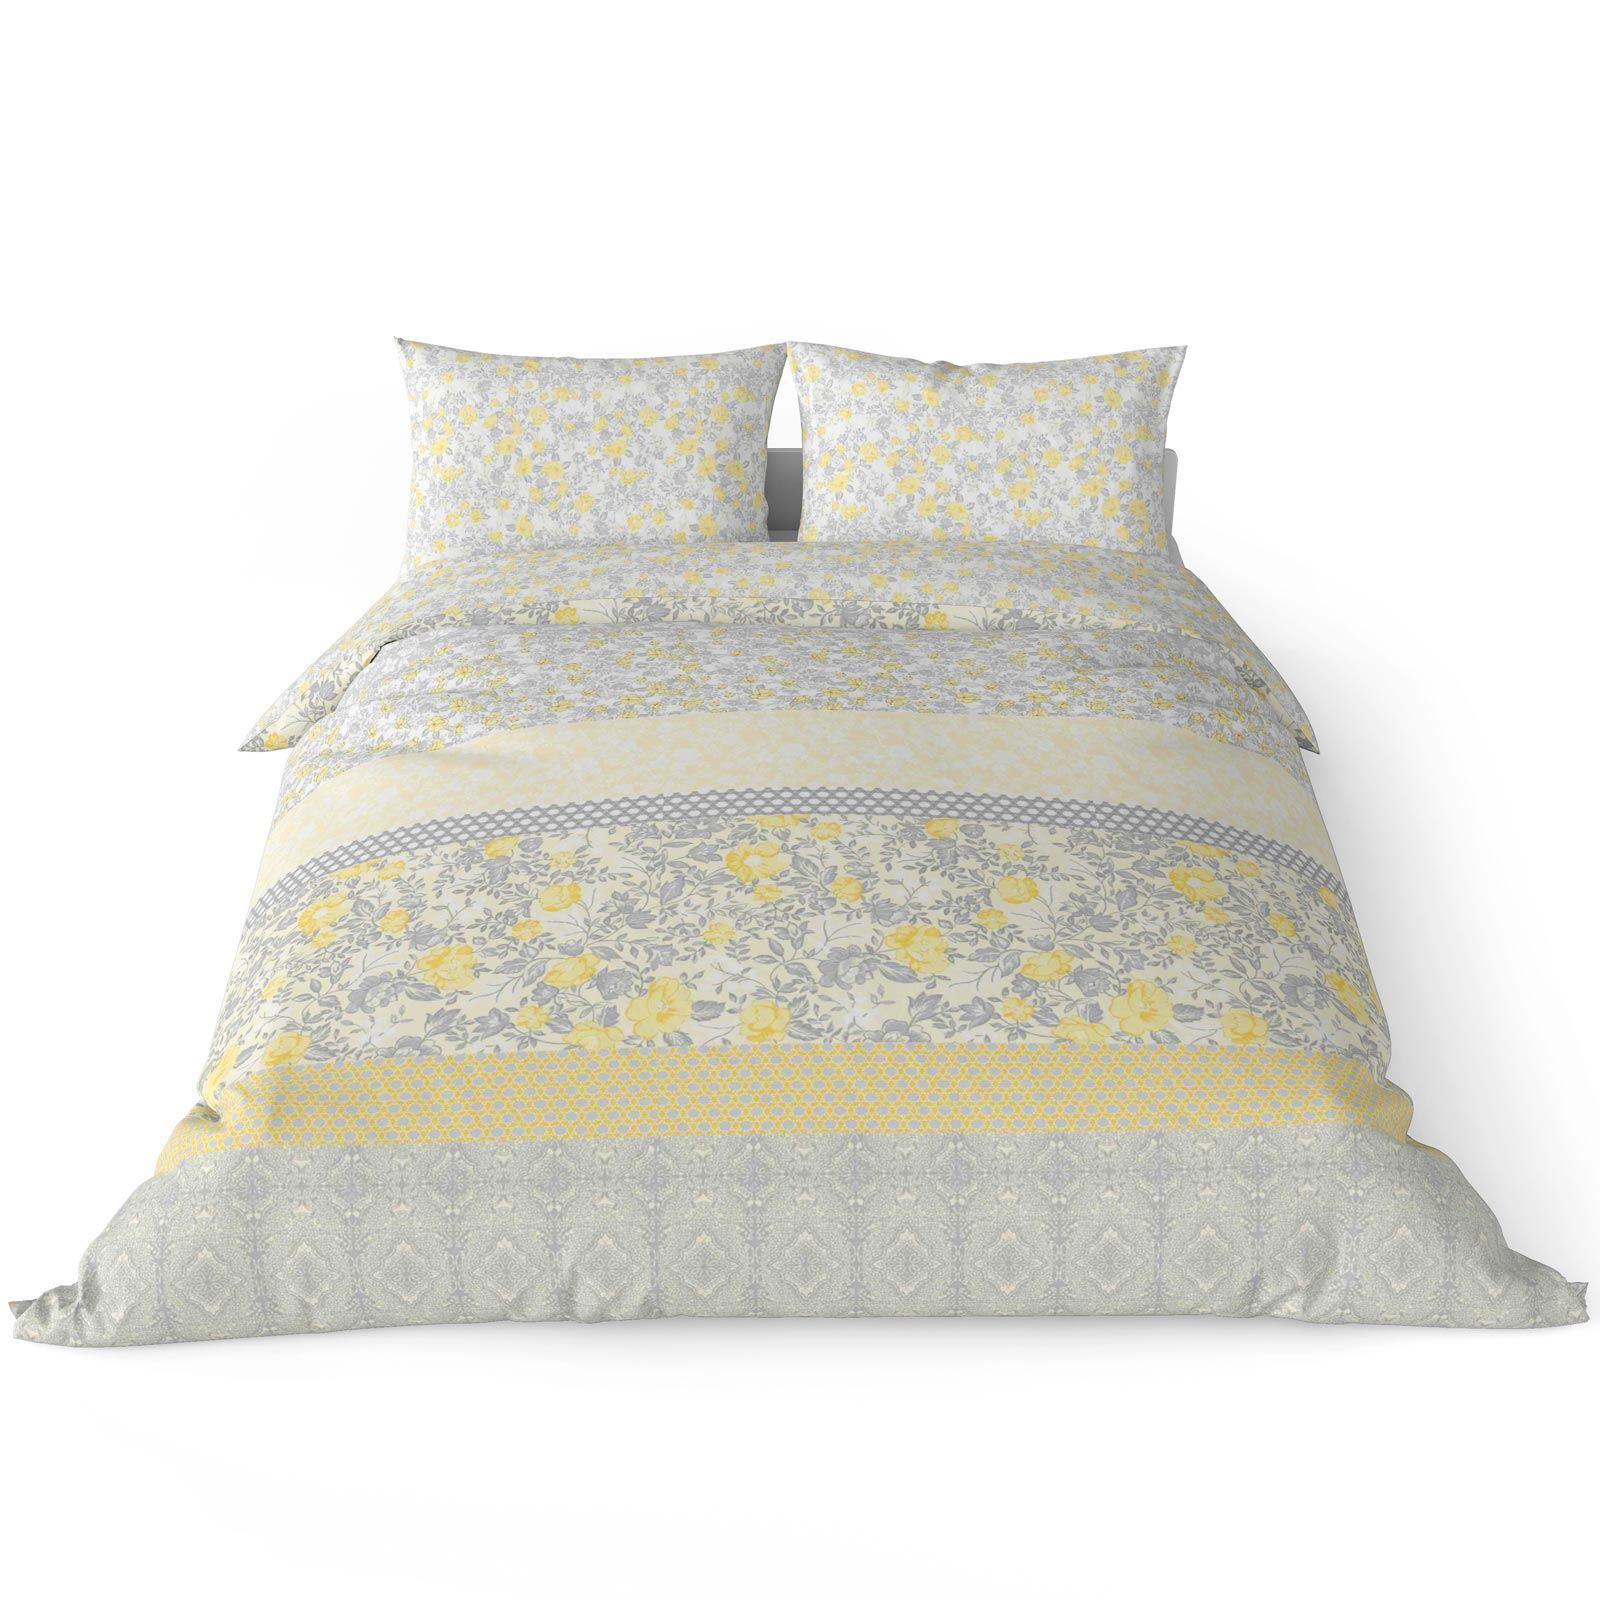 Mostaza-amarillo-ocre-Funda-de-edredon-impreso-Edredon-juego-ropa-de-cama-cubre-conjuntos miniatura 24